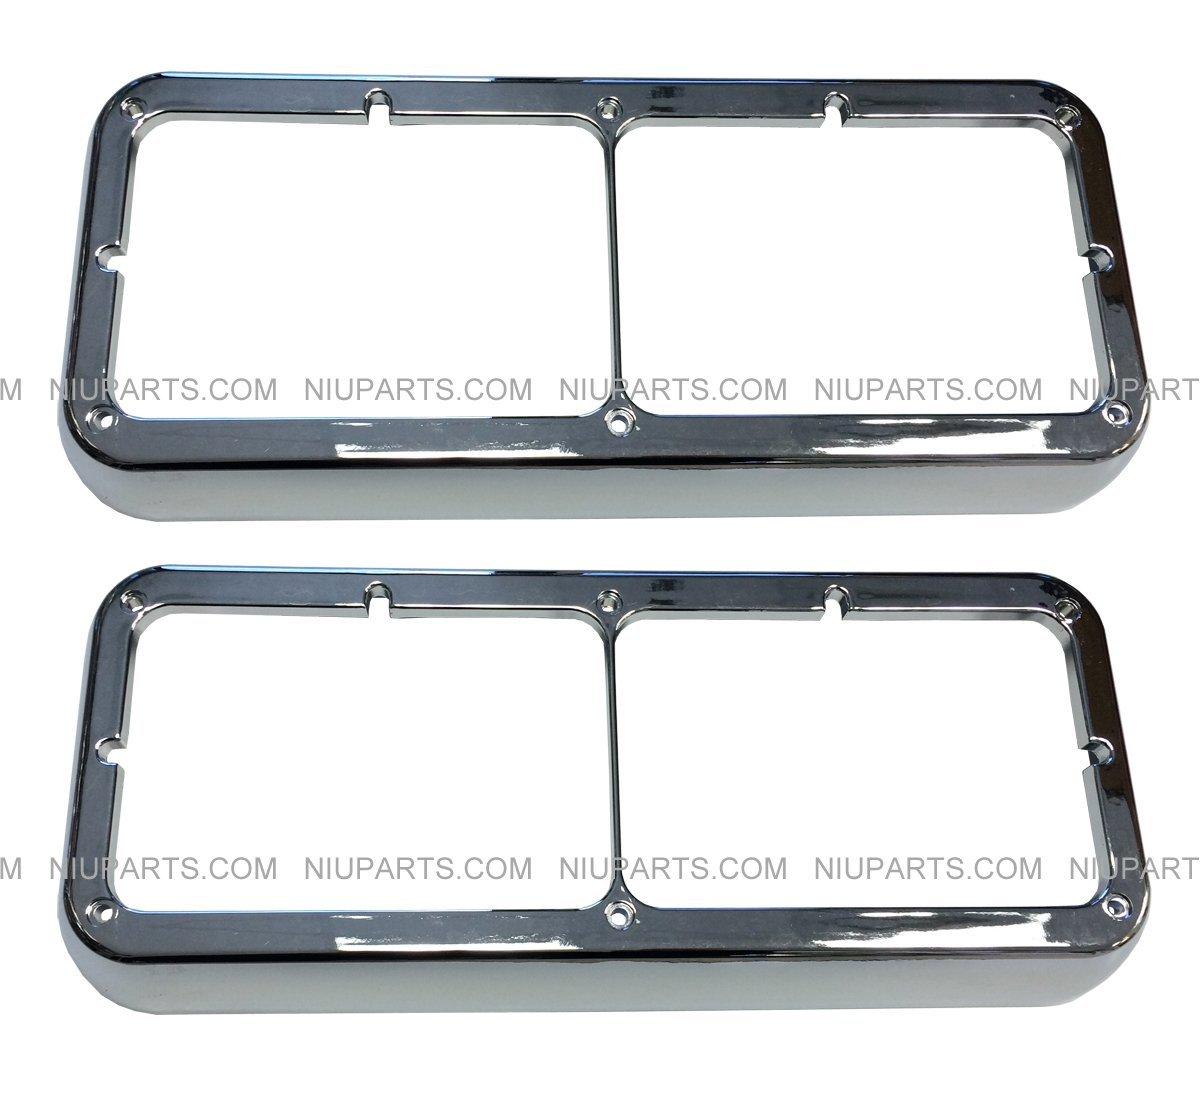 Regular Bezel Chrome Pair (Fit: Kenworth T400 T600 T800 W900B W900L Classic 120/132. Peterbilt 378 379. Western Star 4900)